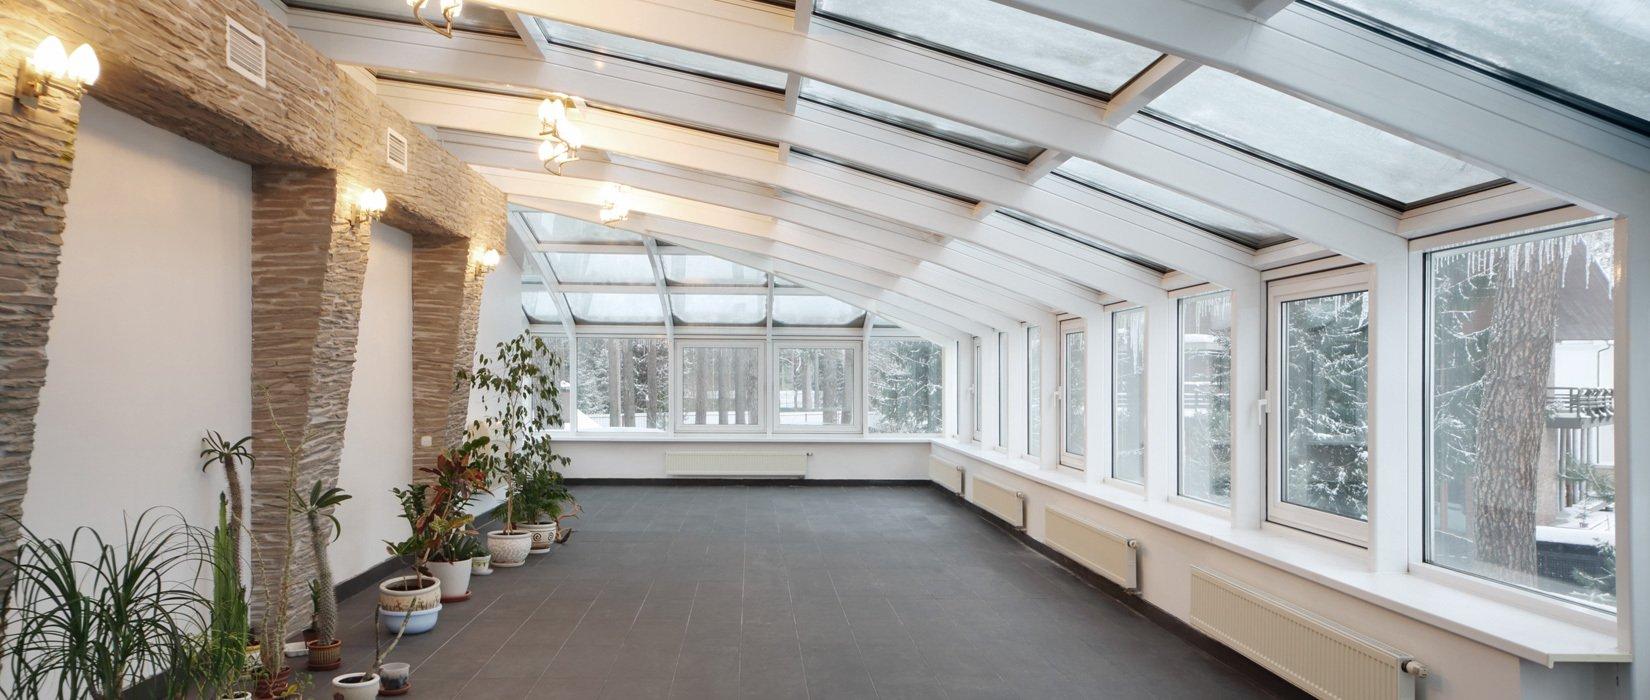 Exquisite conservatories